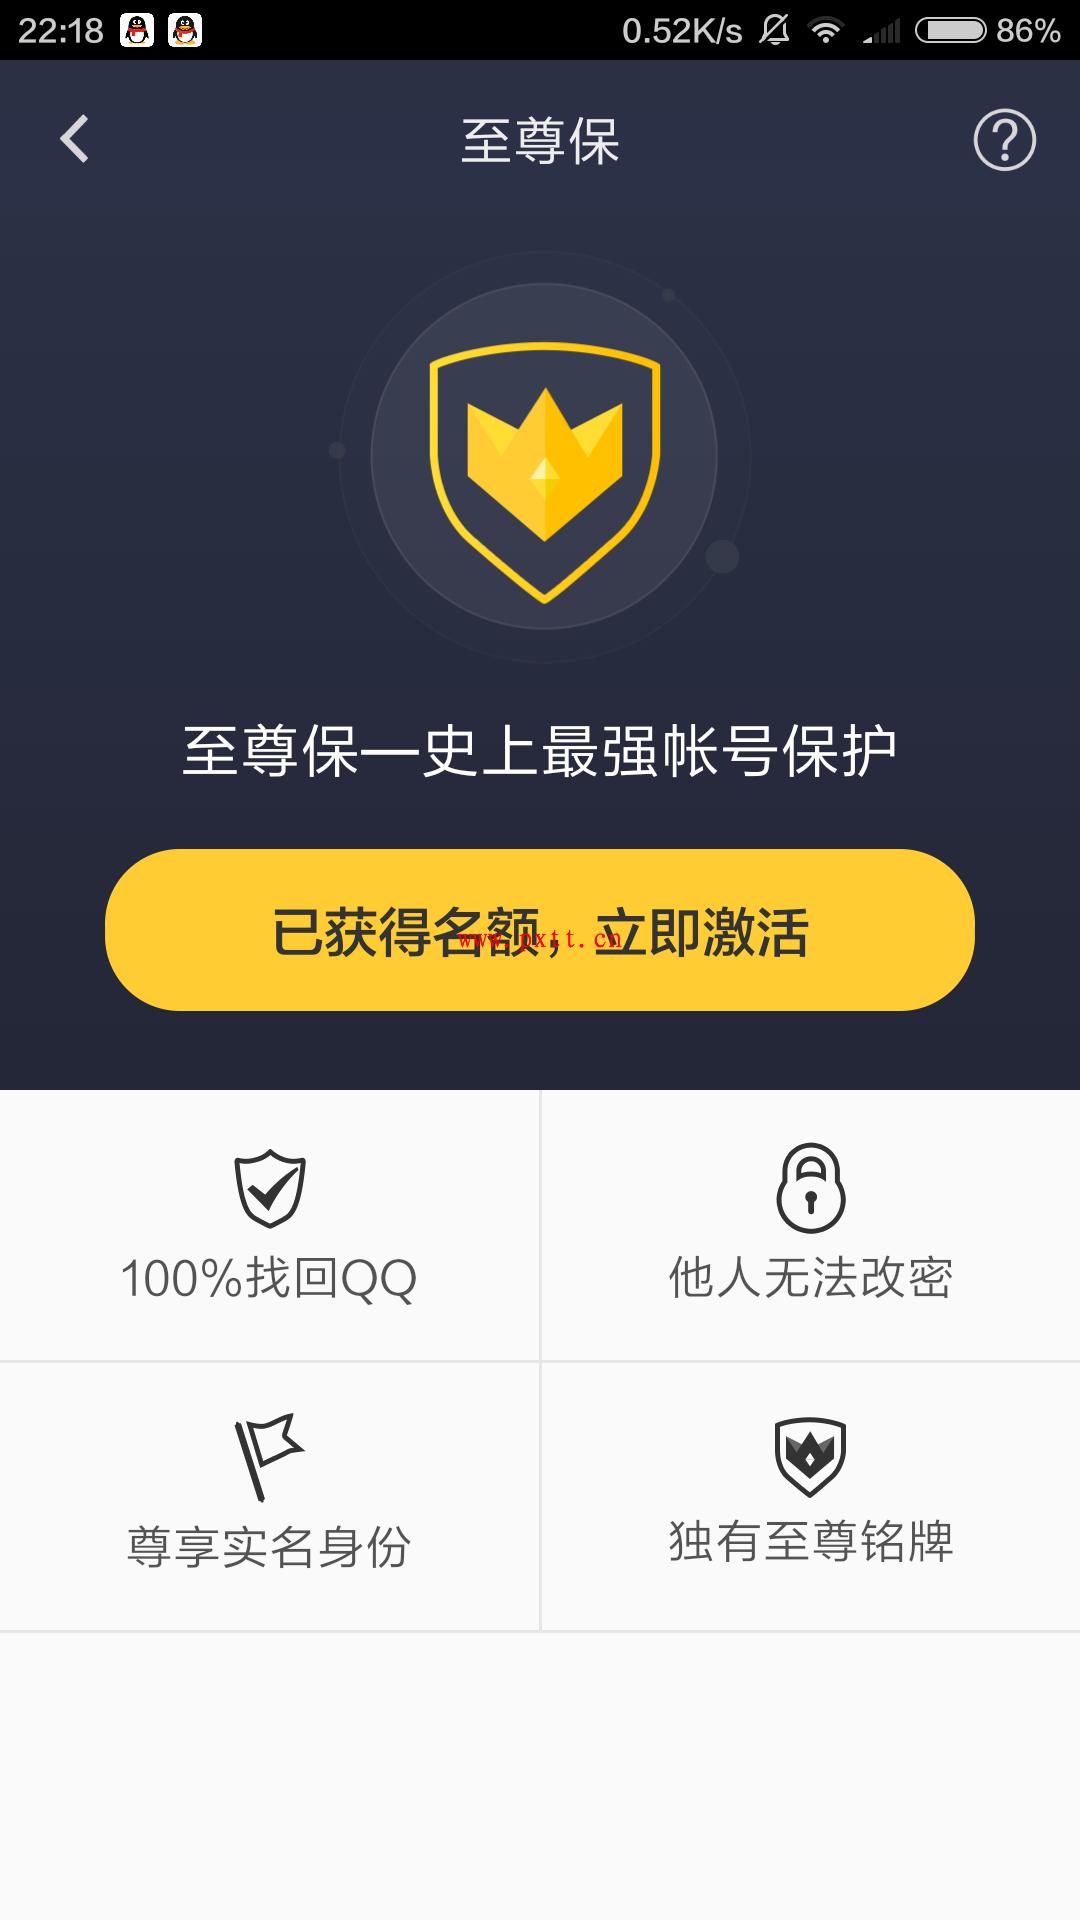 最新QQ至尊宝申请方法,快速申请QQ至尊宝